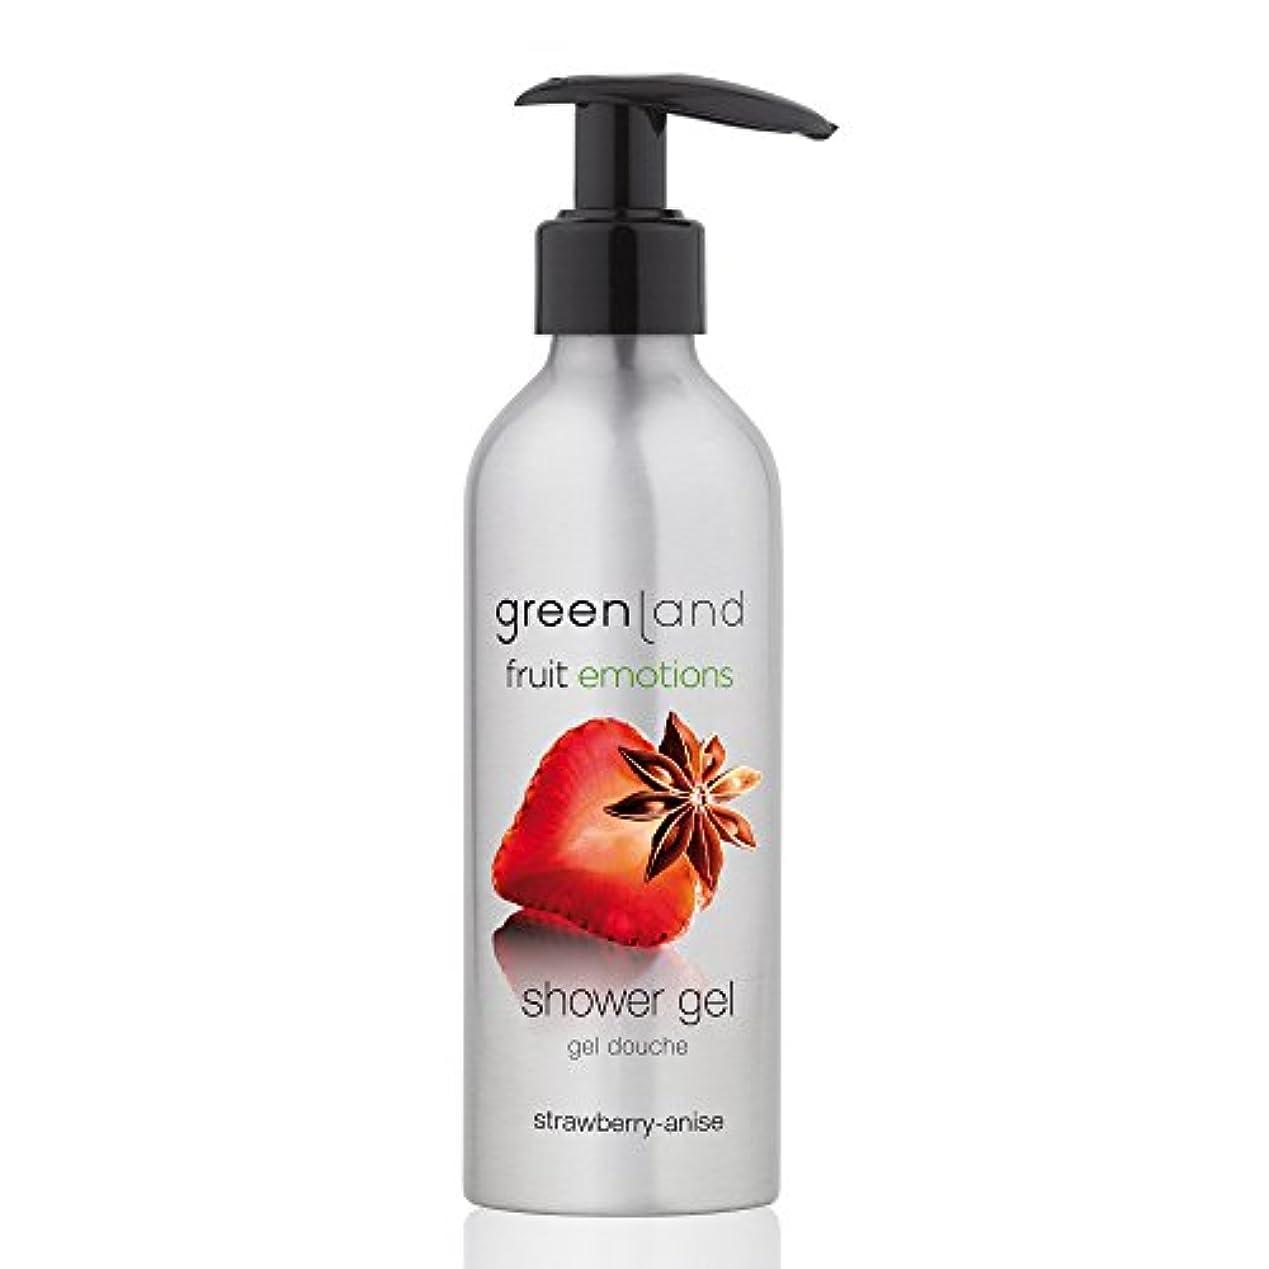 里親簡潔な滅びるgreenland [FruitEmotions] シャワージェル 200ml ストロベリー&アニス FE0217